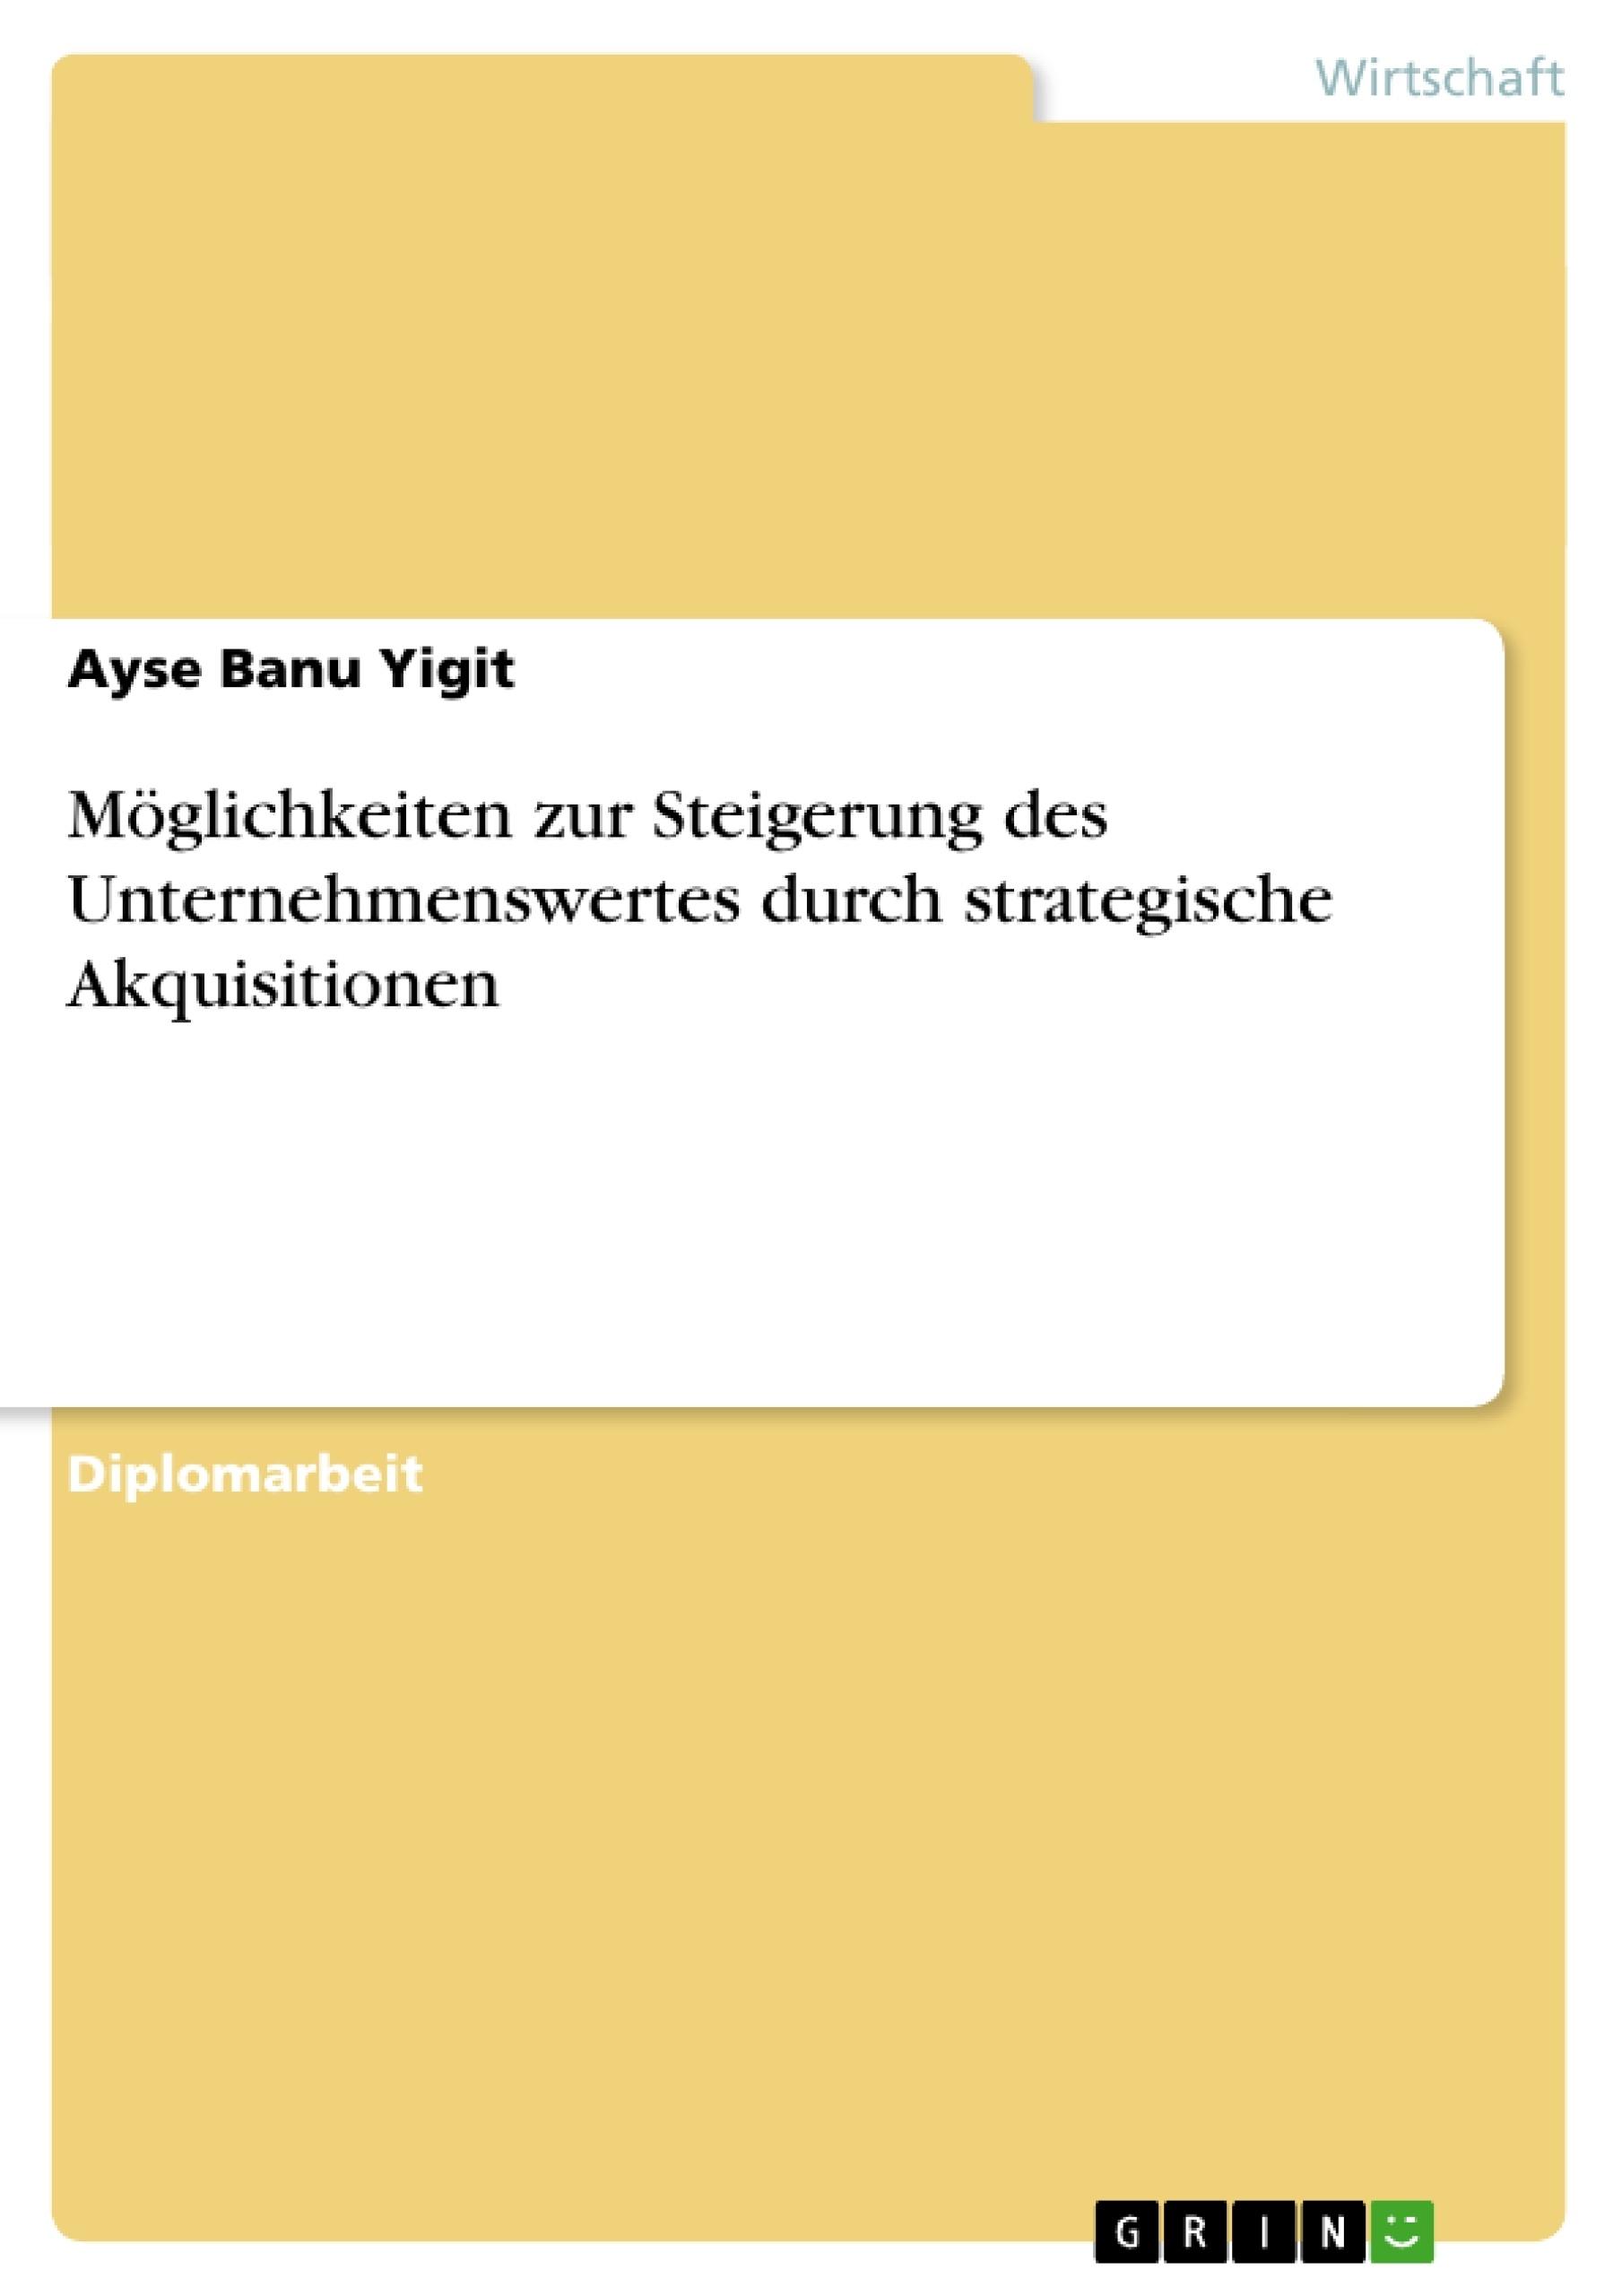 Titel: Möglichkeiten zur Steigerung des Unternehmenswertes durch strategische Akquisitionen